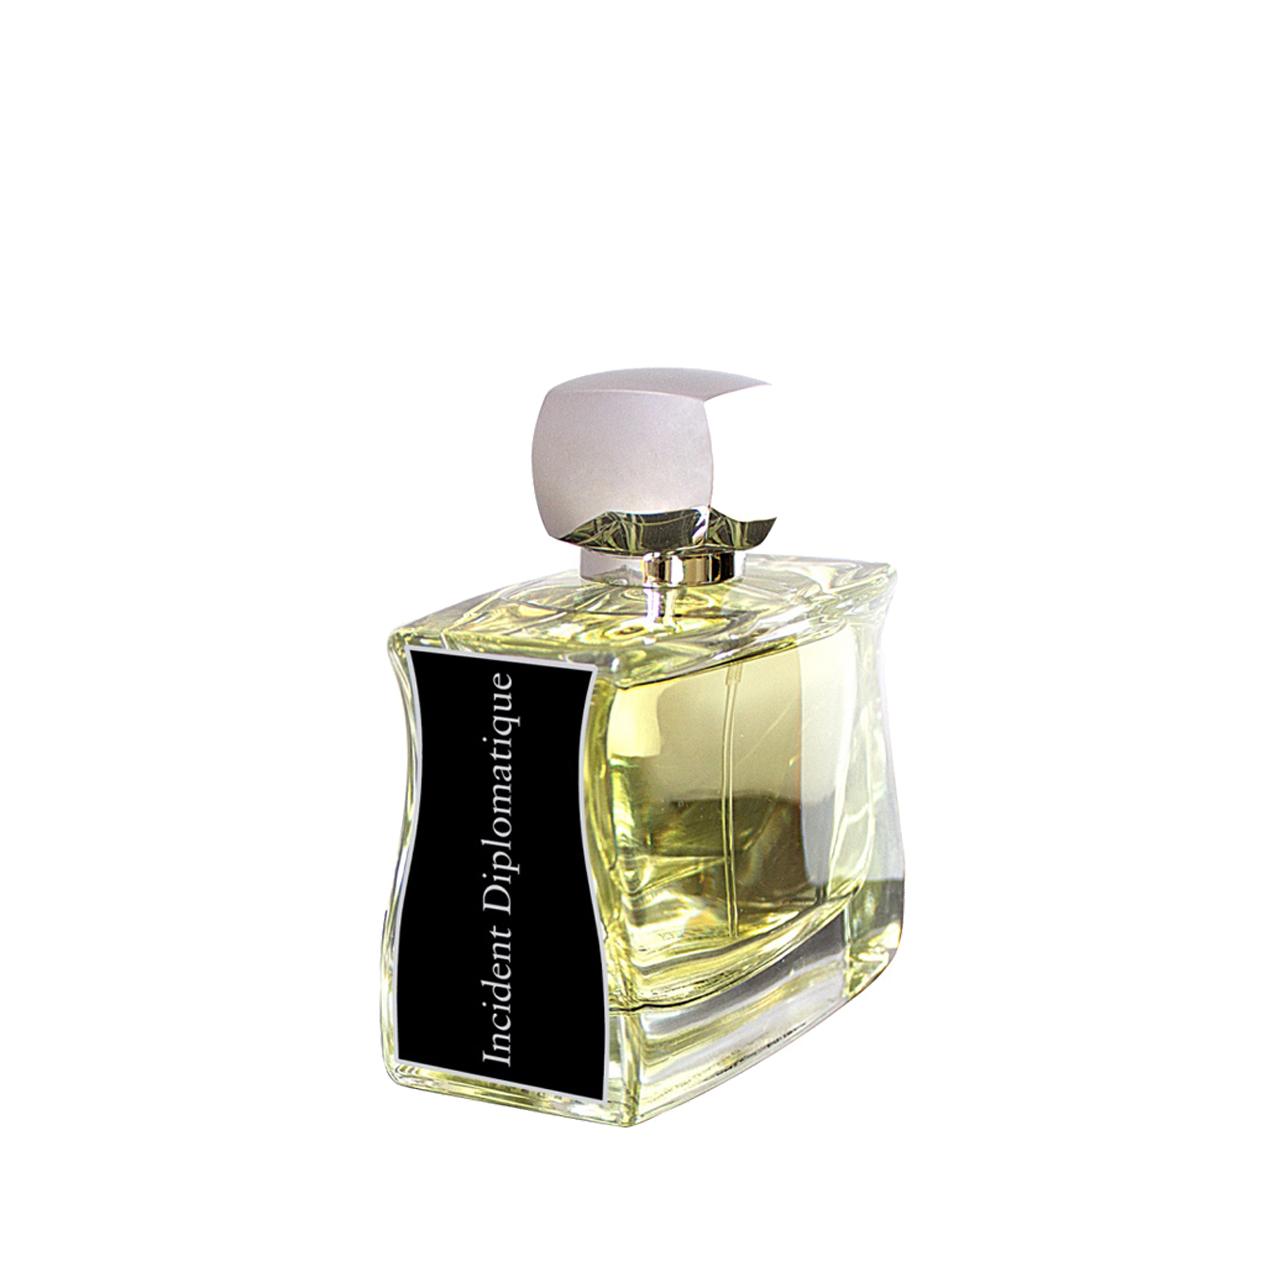 Incident Diplomatique - Eau de Parfum